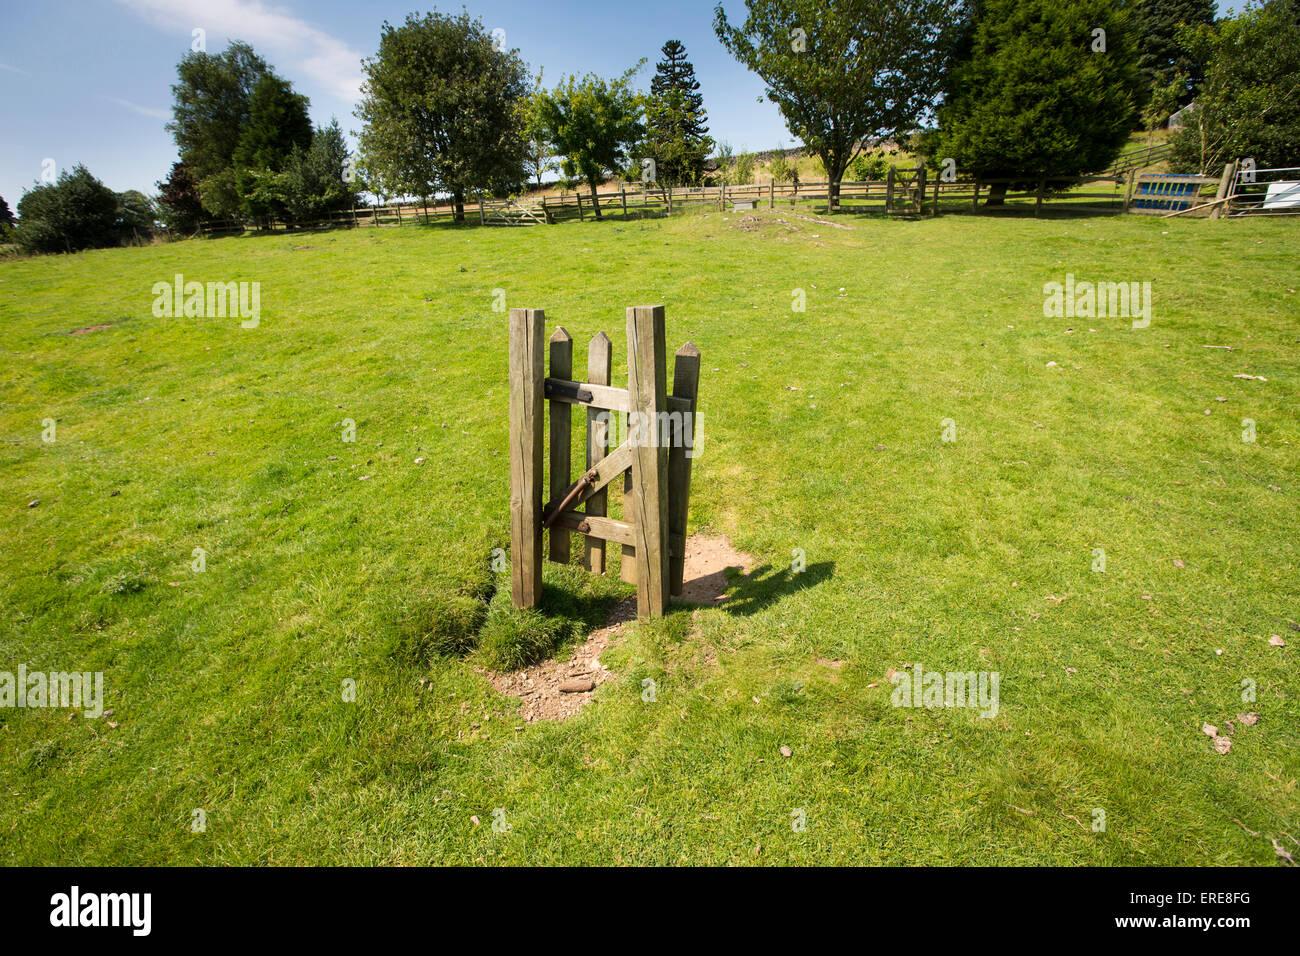 Regno Unito, Inghilterra, Staffordshire, Ilam, Bunster Hill, aria Cottage, inutile sentiero pubblico stile nel mezzo Immagini Stock